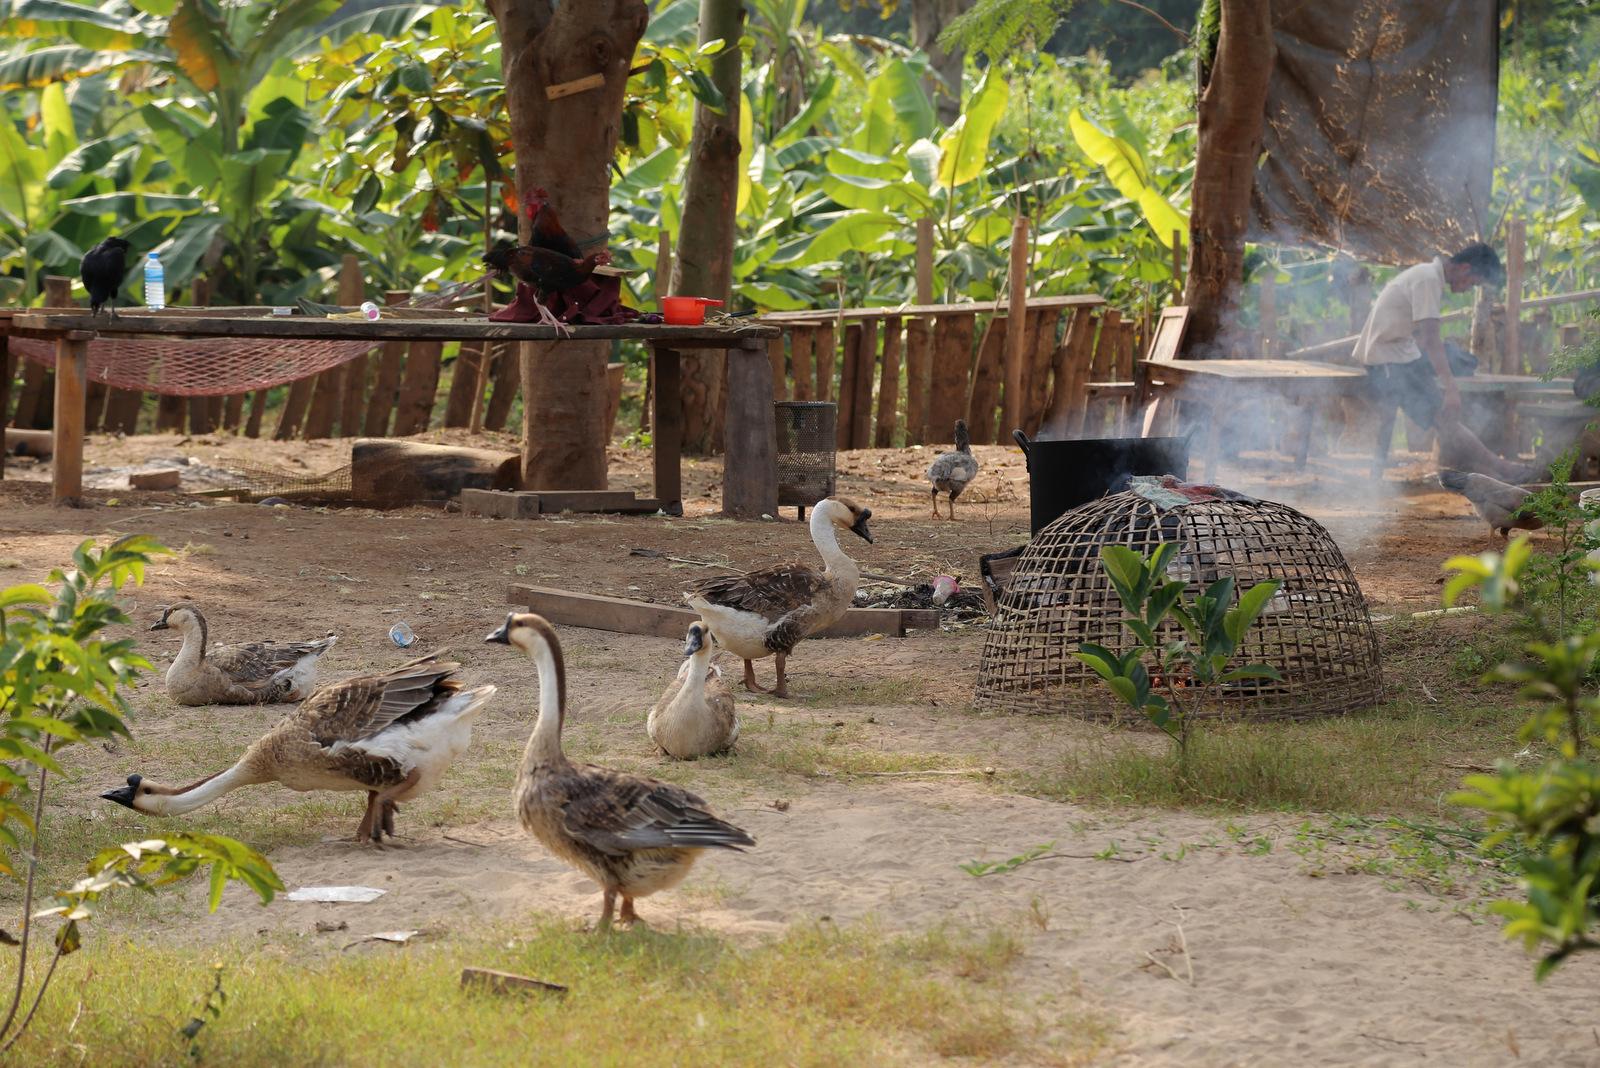 Village life near Luang Prabang